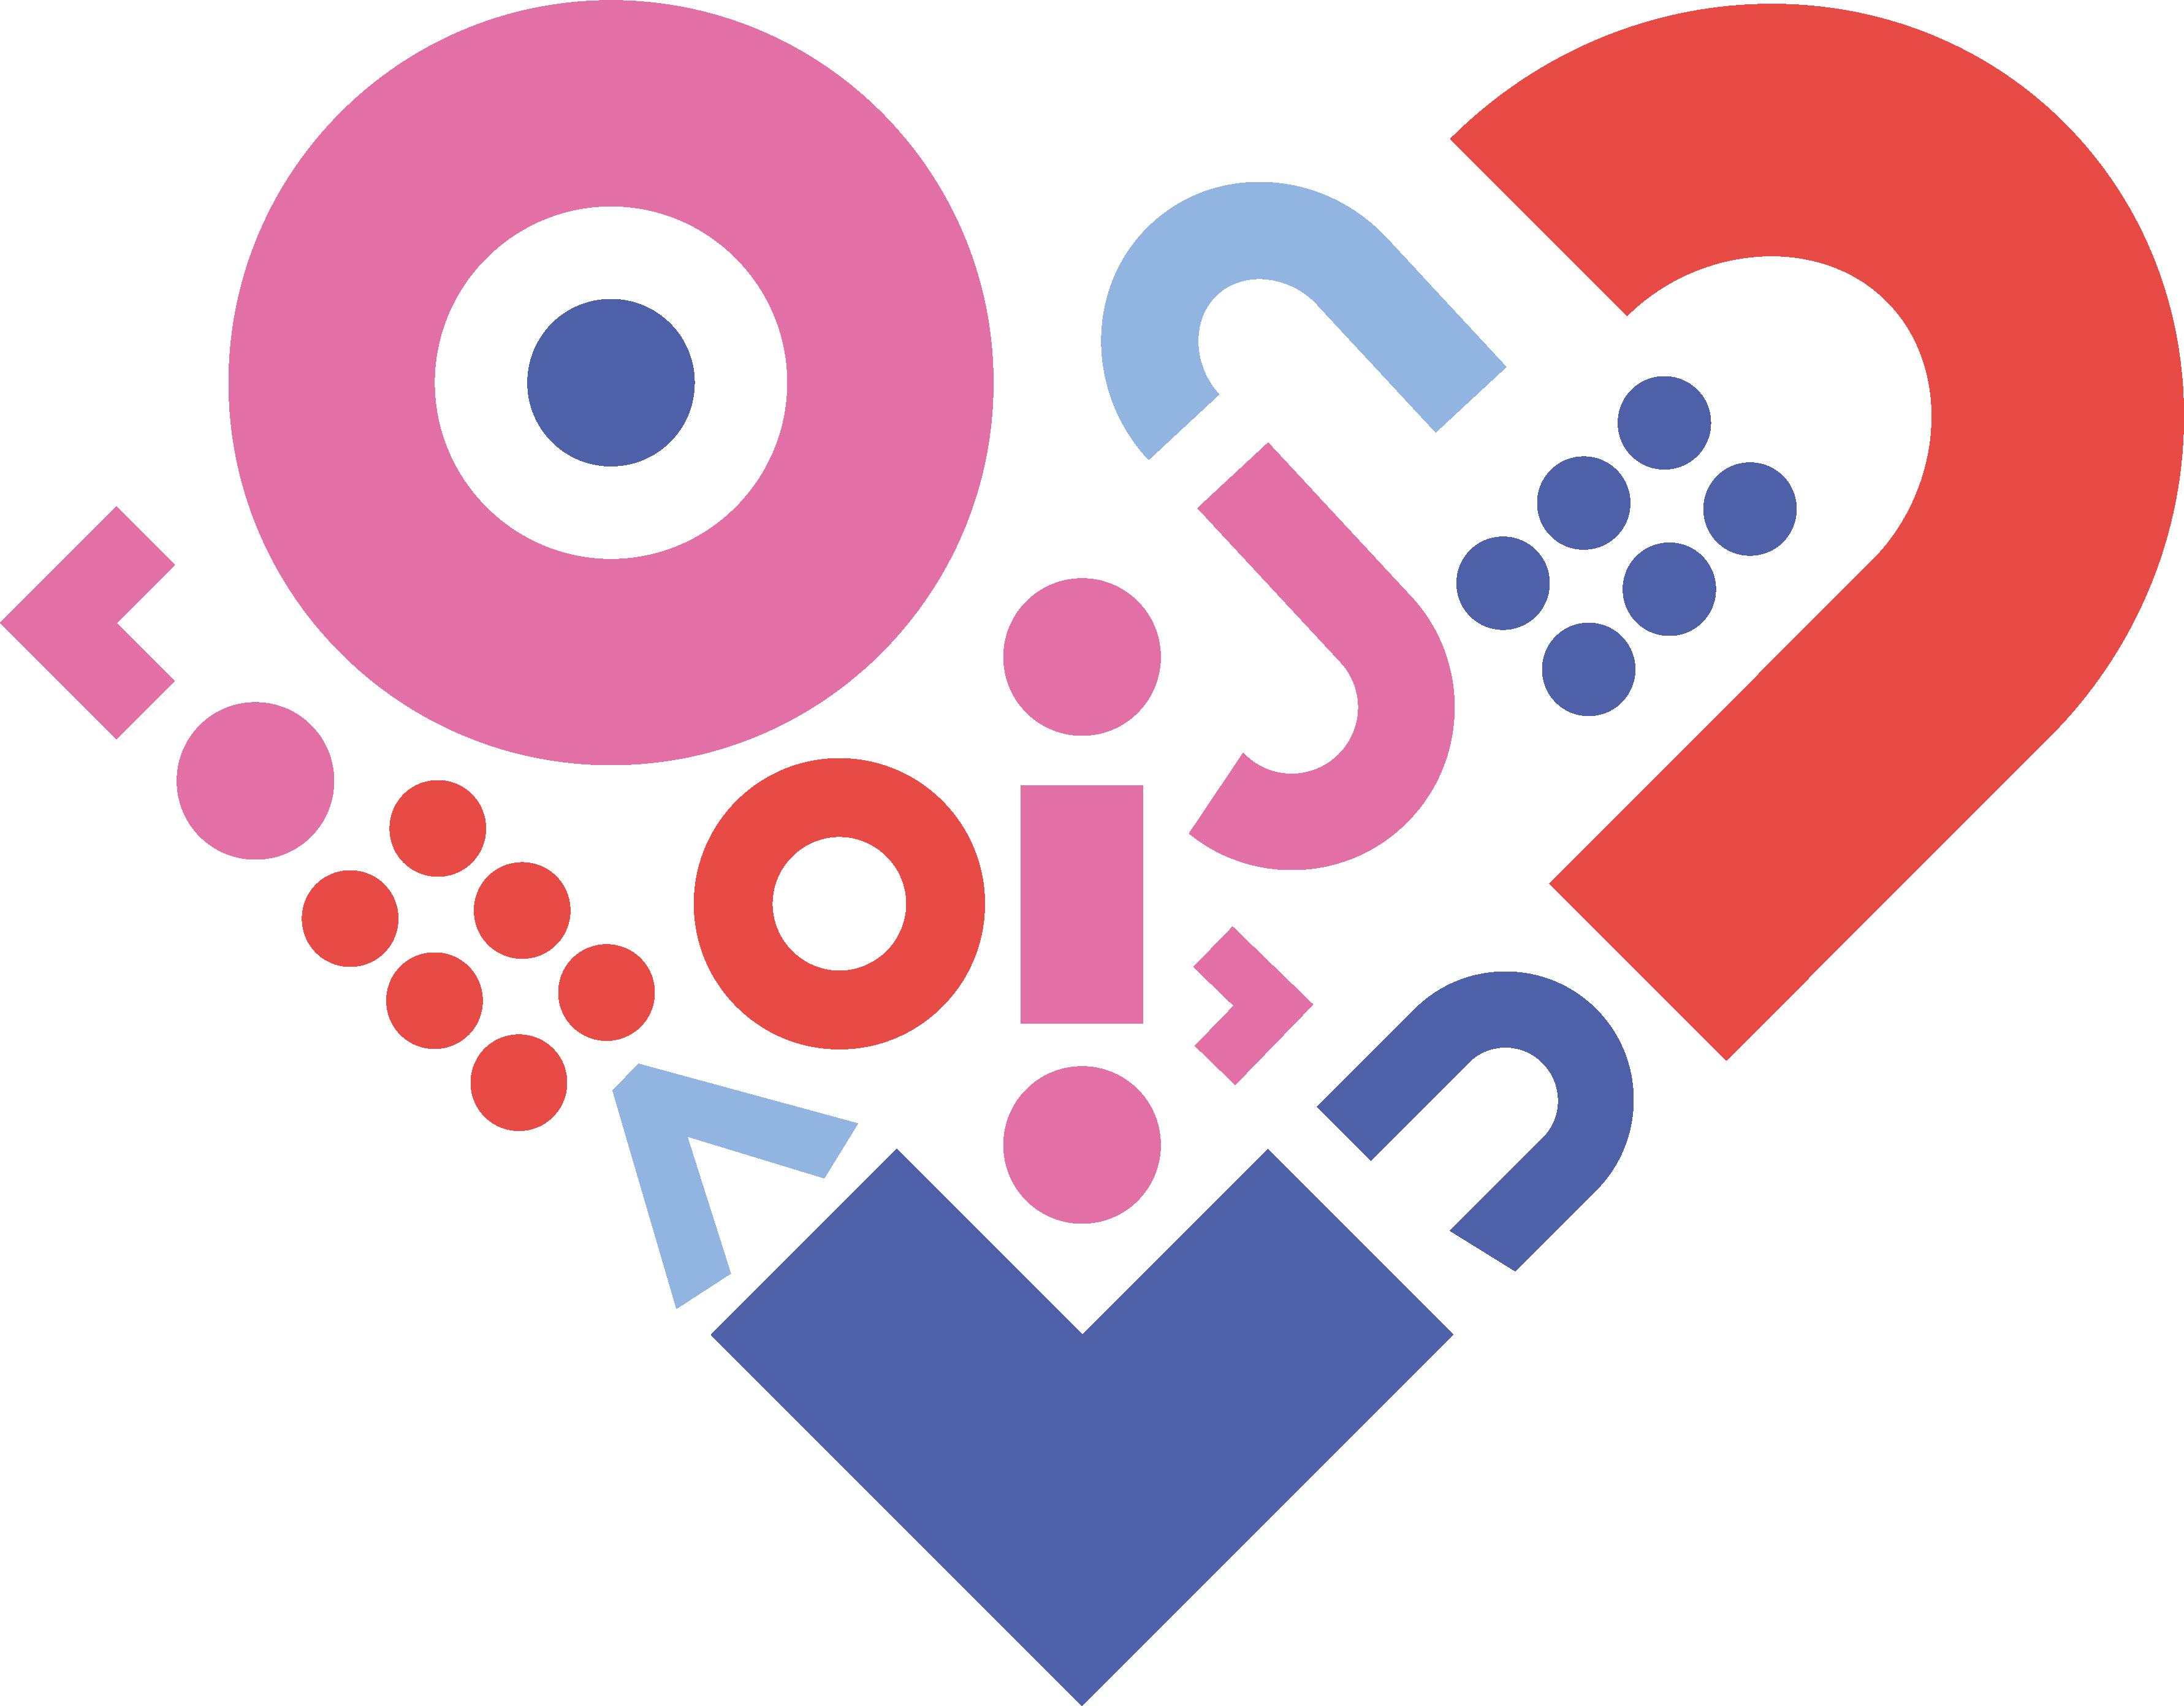 Stijlelement in hartvorm van Truvion Healthcare dat staat voor persoonlijke aandacht